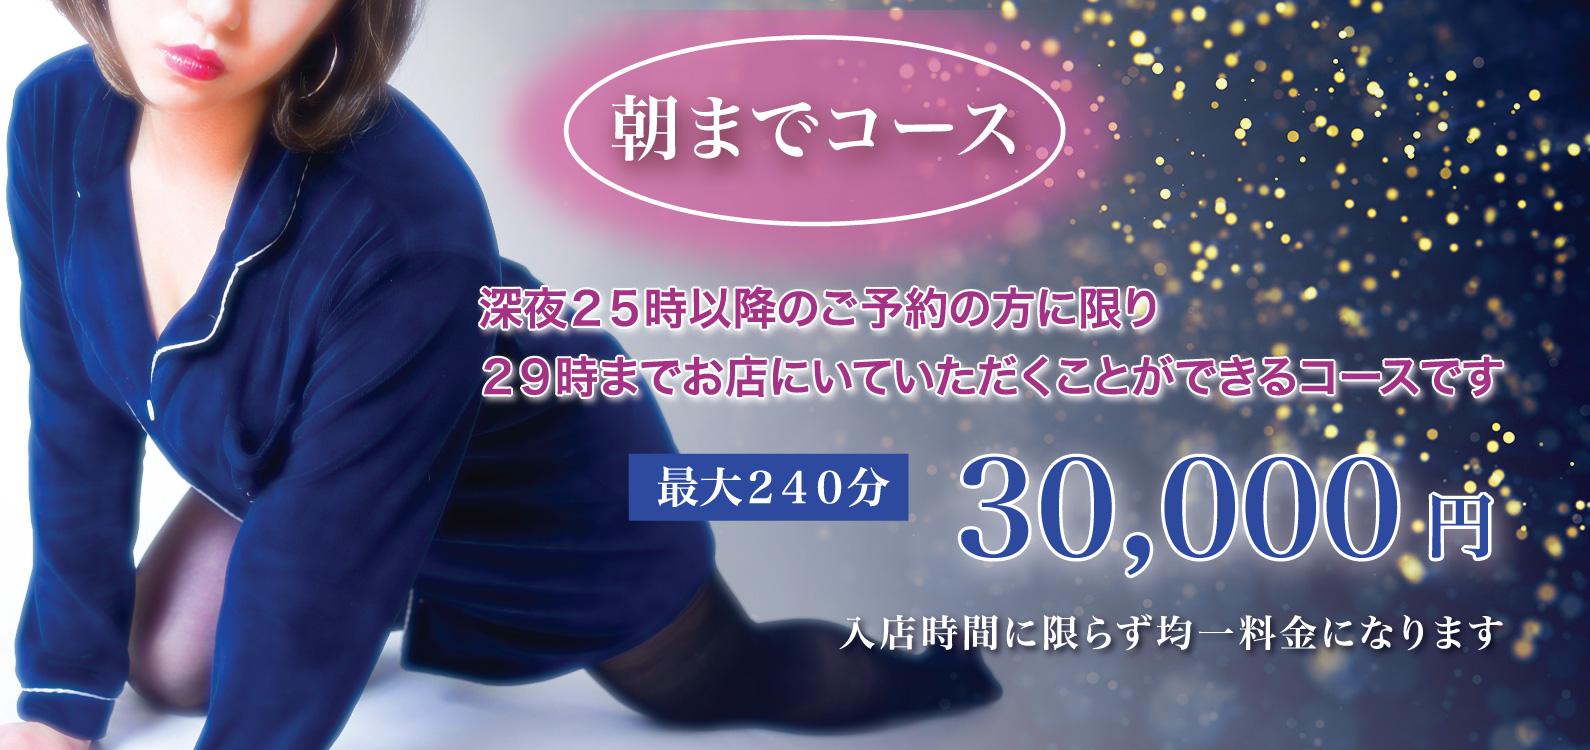 【恵比寿メンズエステ】ファンタジスタ~割引情報|エステーション公式ブログ